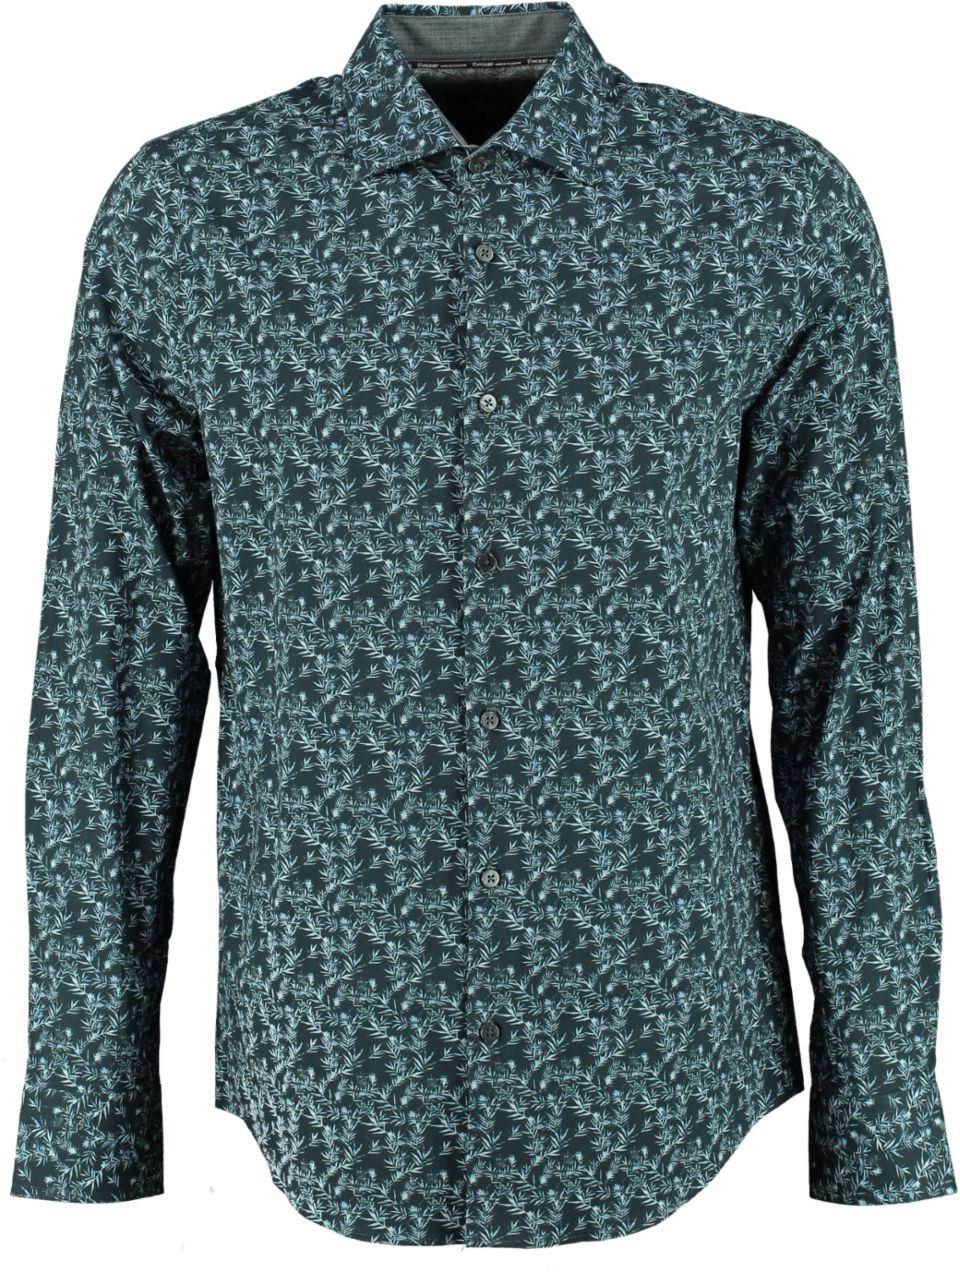 goedkoopste prijs zoeken naar de goedkoopste Herenkleding - Hemden - VanGuard Casual Shirt - Bergmans ...